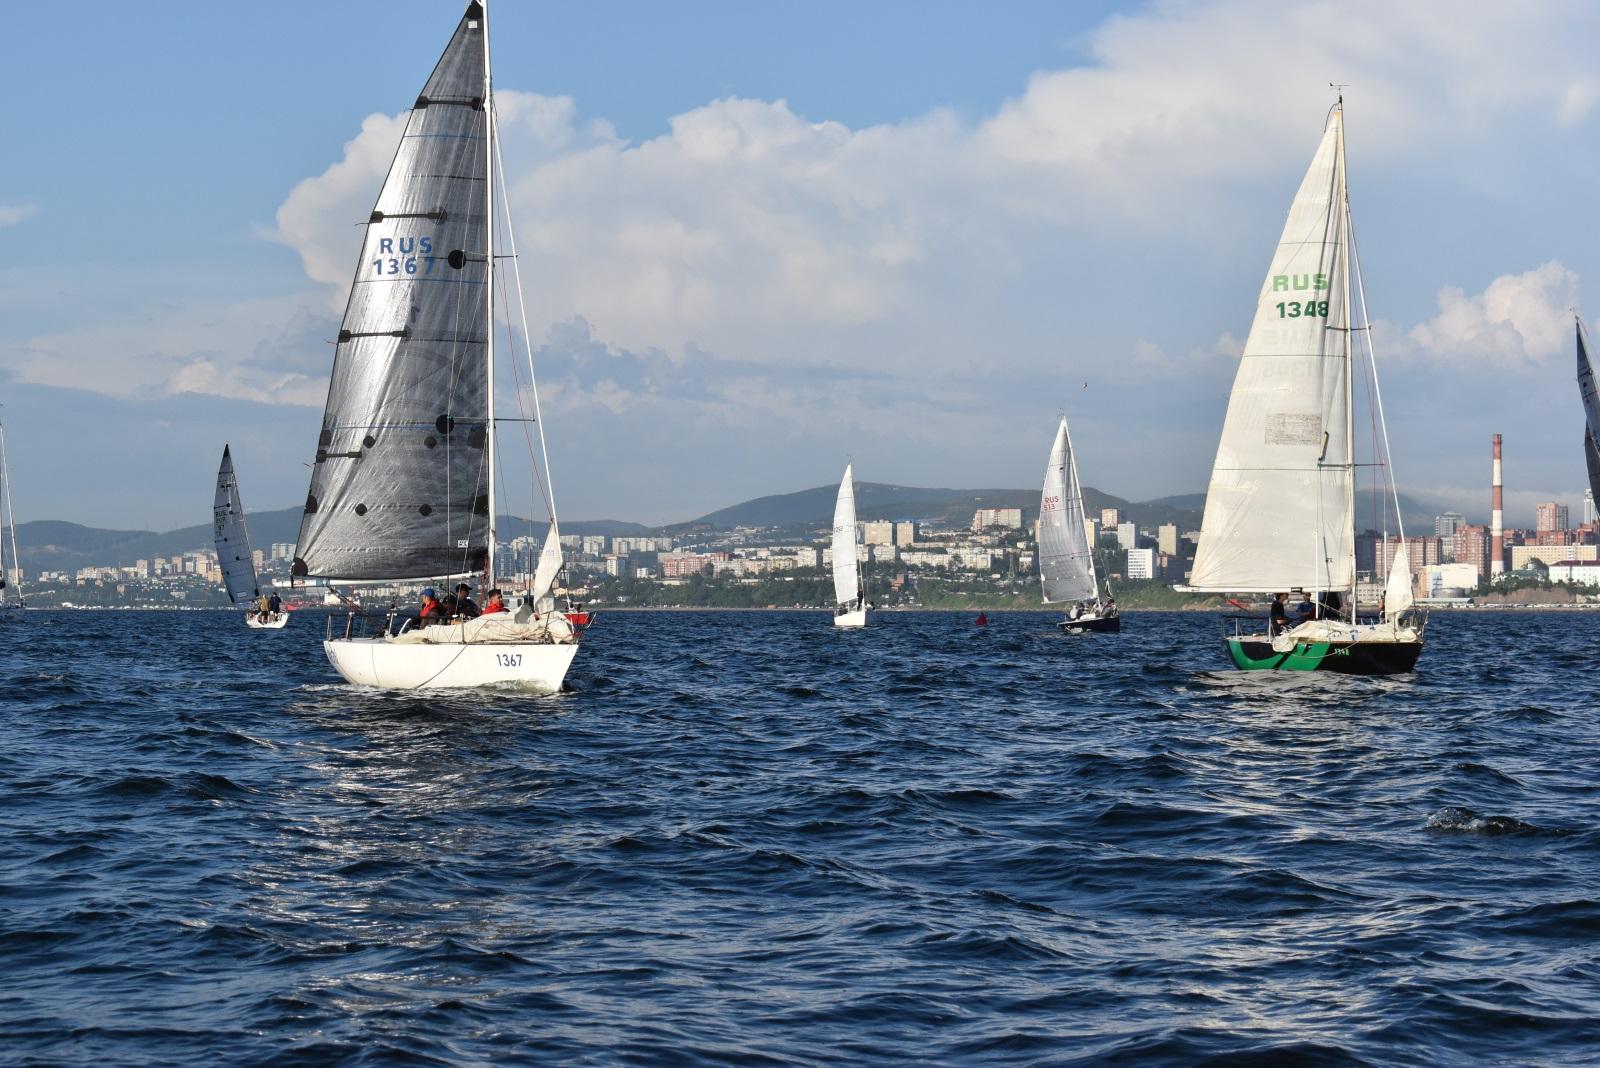 спорт парус яхта парусный спорт